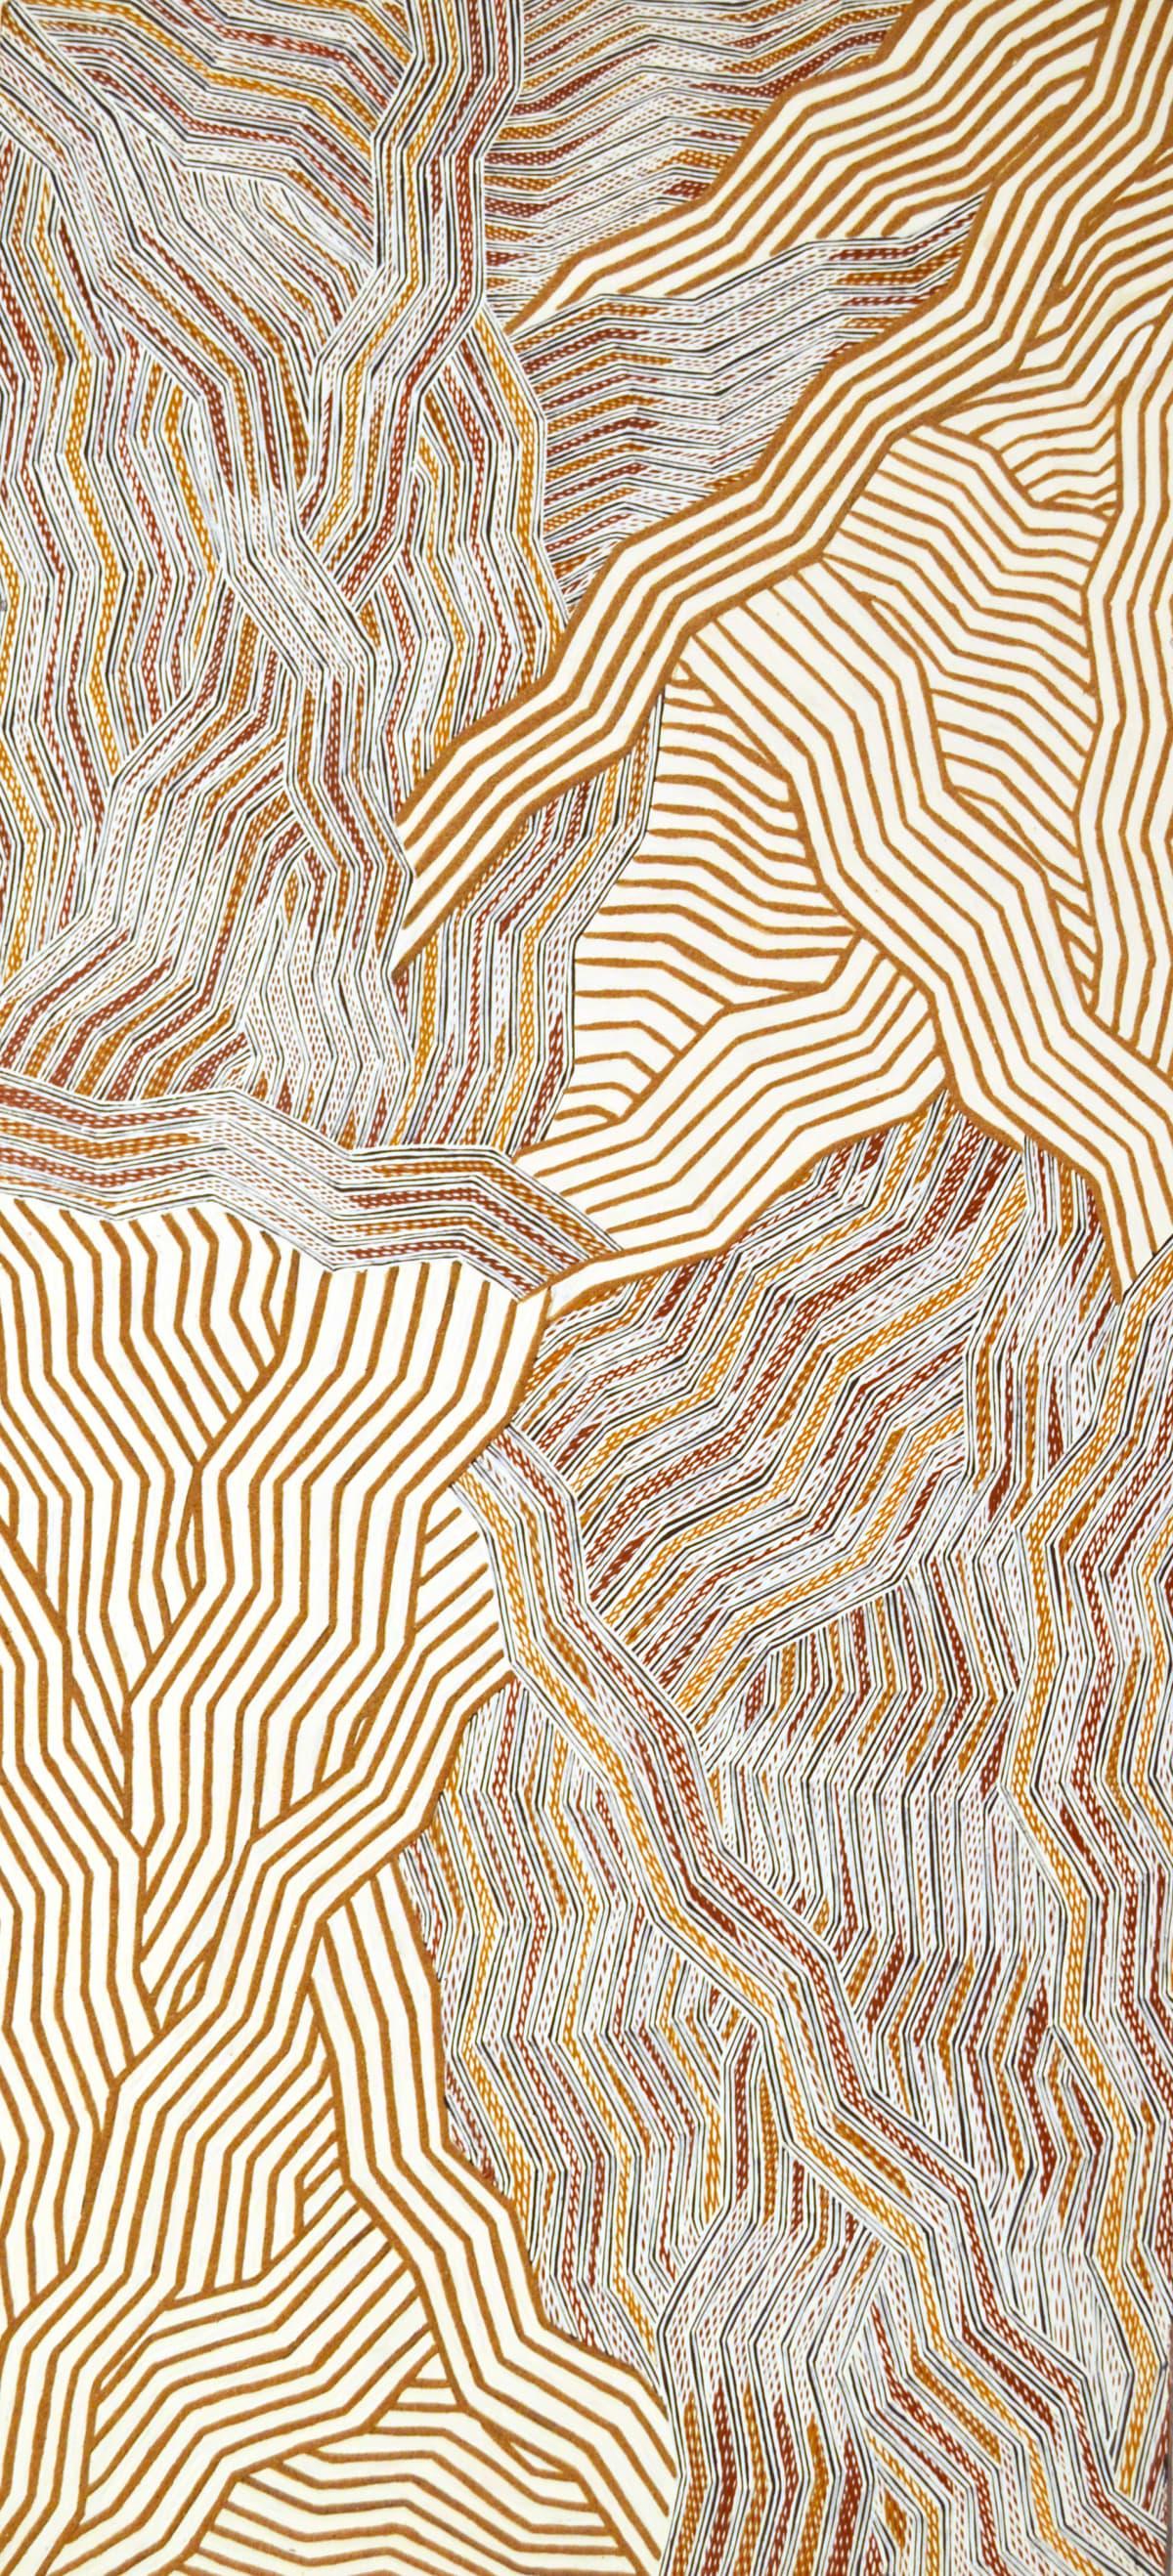 Lamangirra #2 Gumana Garraparra natural ochre and pigments on board 121 x 56 cm